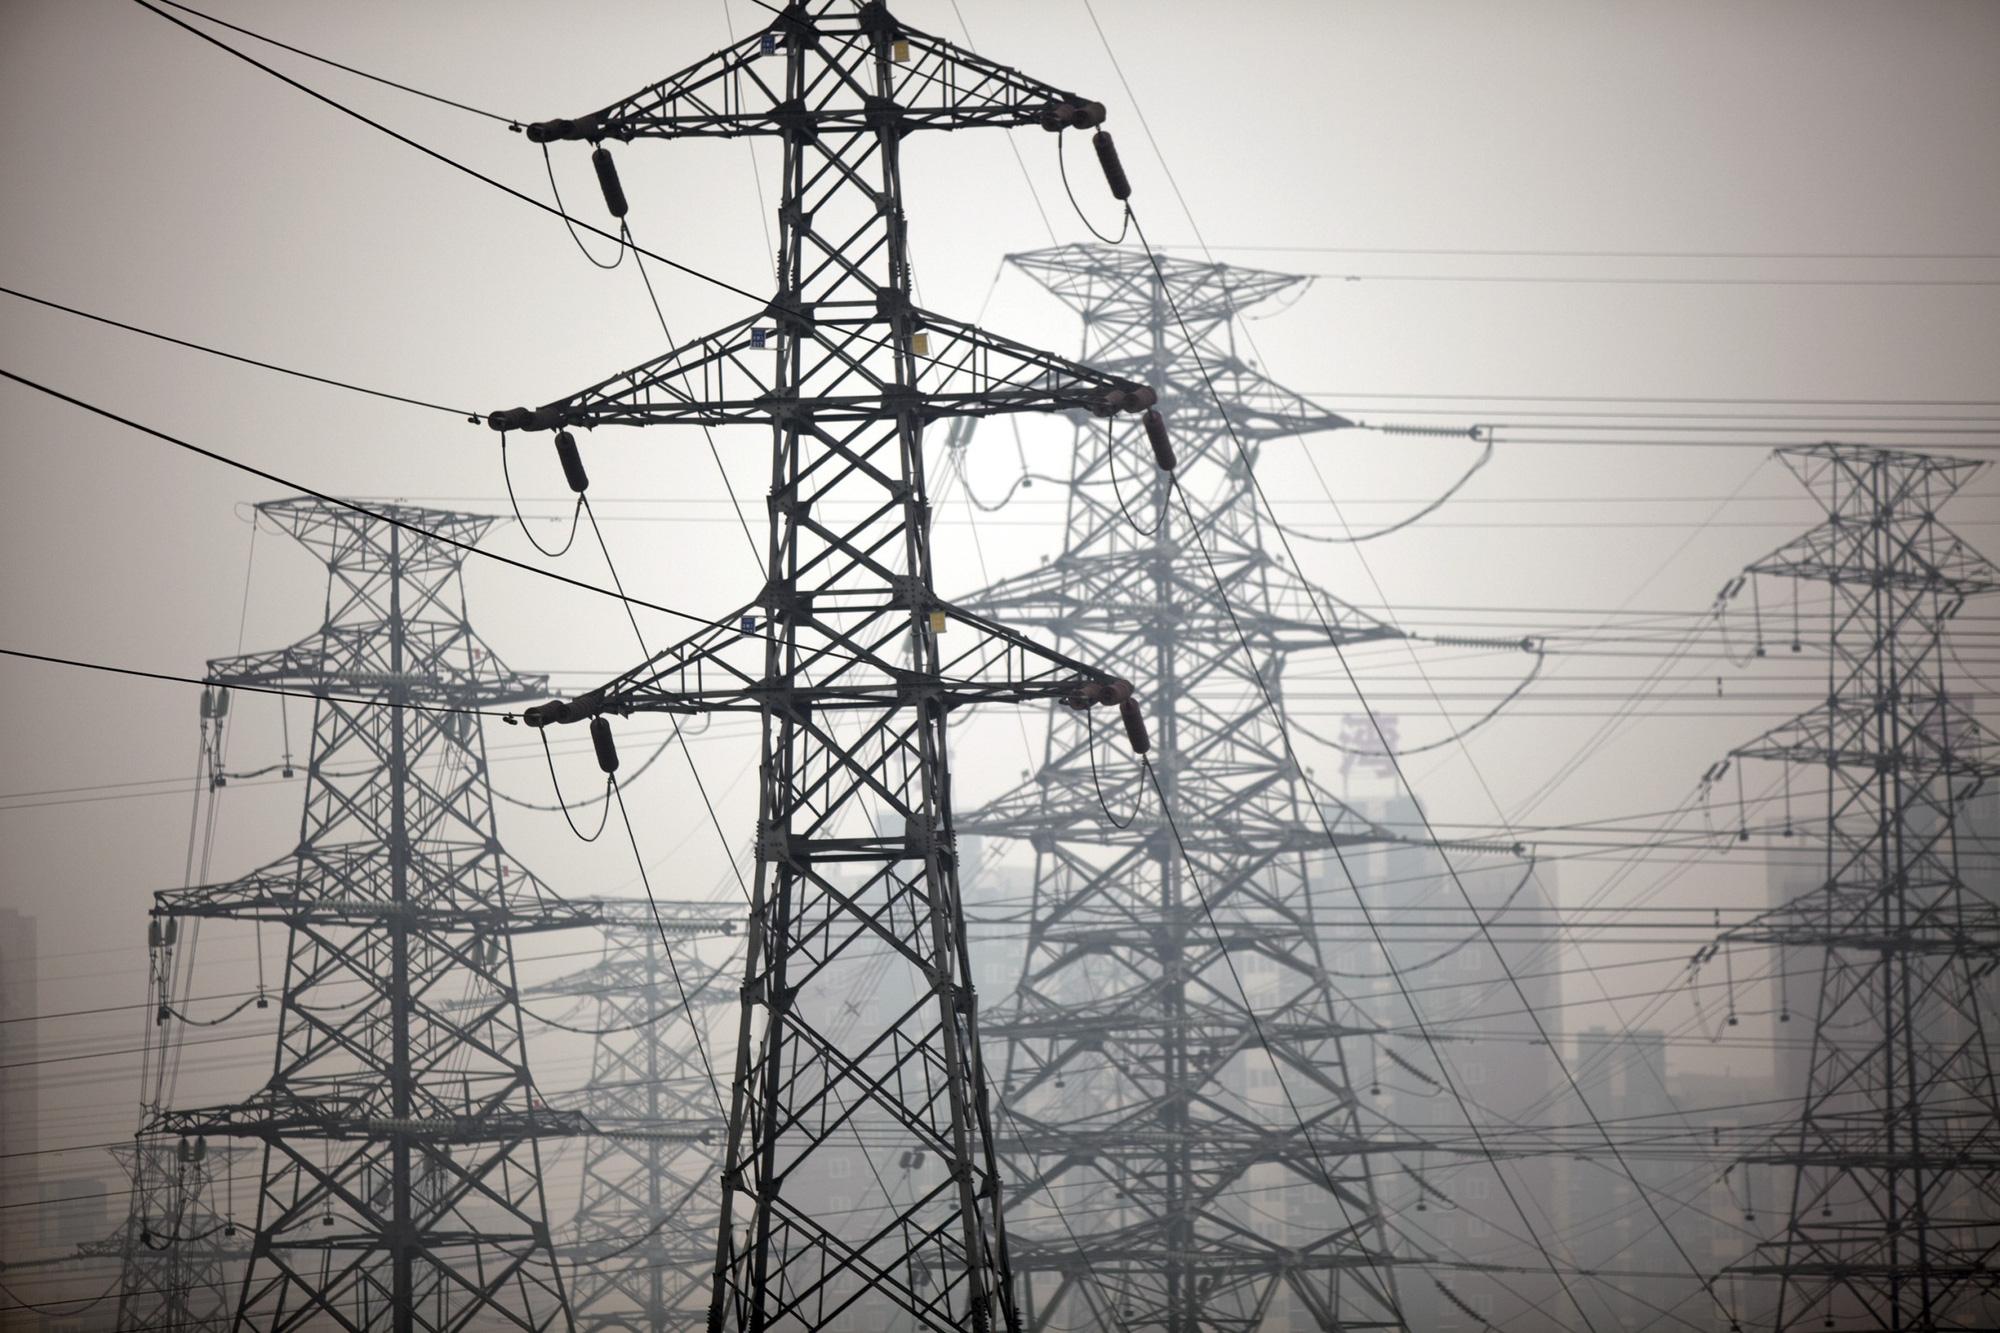 Hàng loạt nhà máy Trung Quốc lao đao khi bị hạn chế sử dụng điện - Ảnh 1.